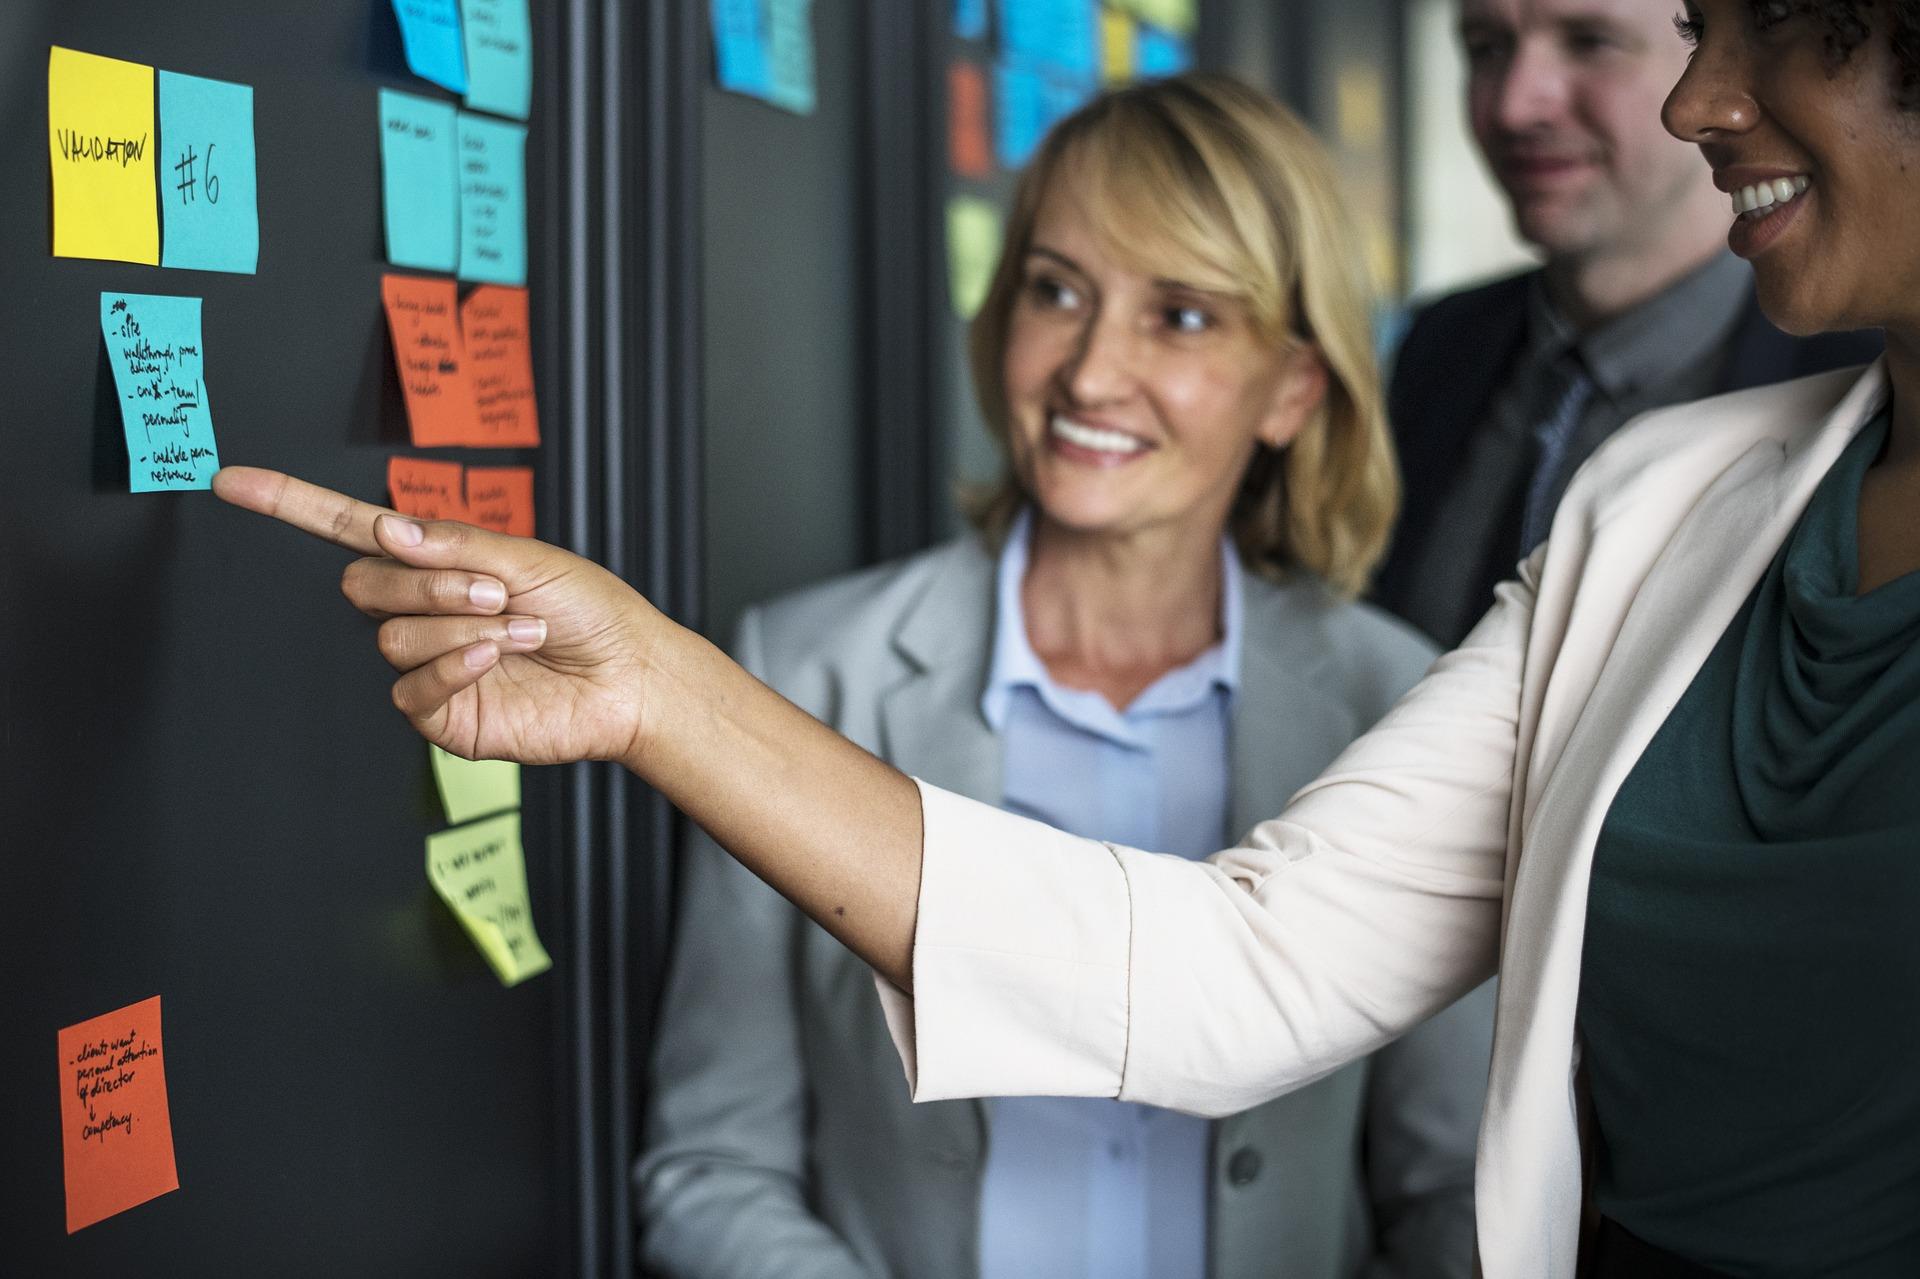 【実践型】企業説明会・合同企業説明会を企業研究に活用しよう!